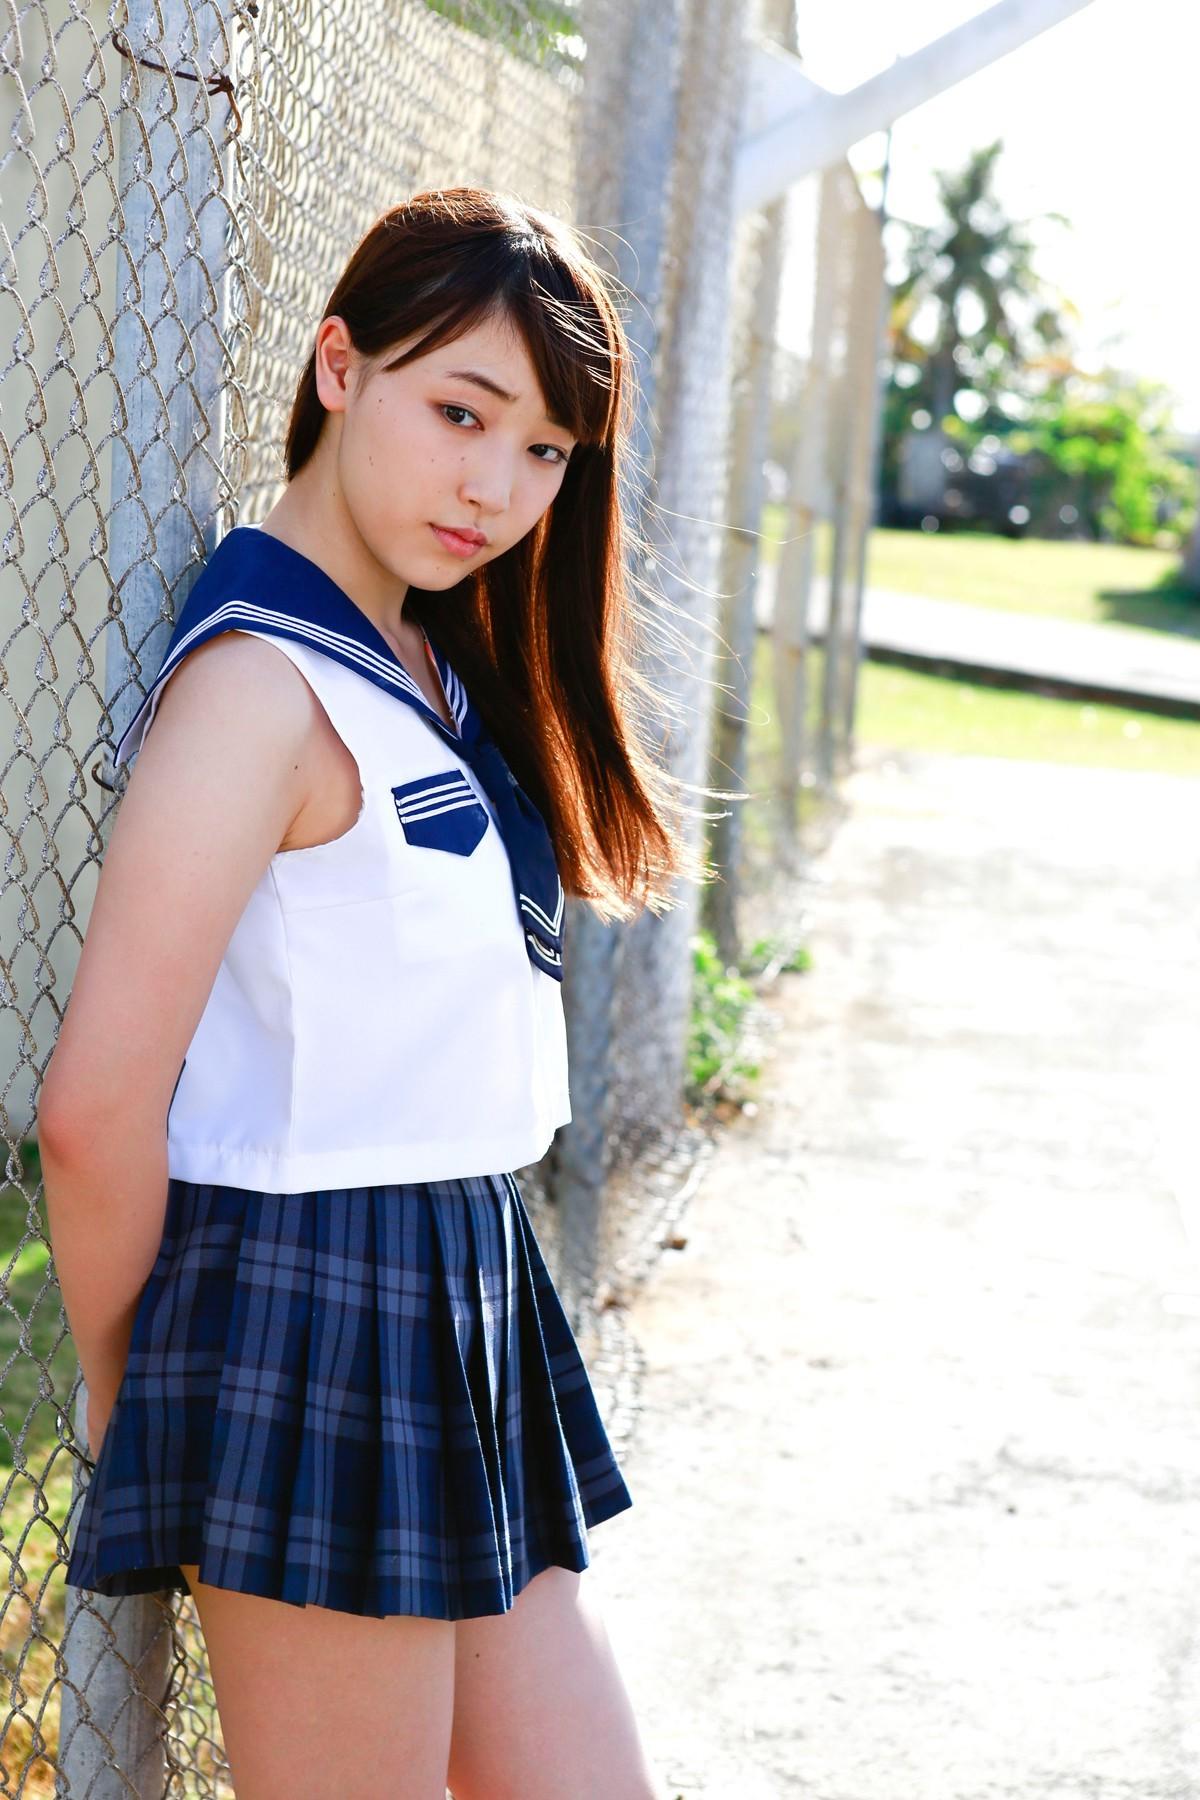 b01be4fbc8af model kjole blå mønster mode tøj Morning musume Mizuki Fukumura pige dame  ben design kostume frisure